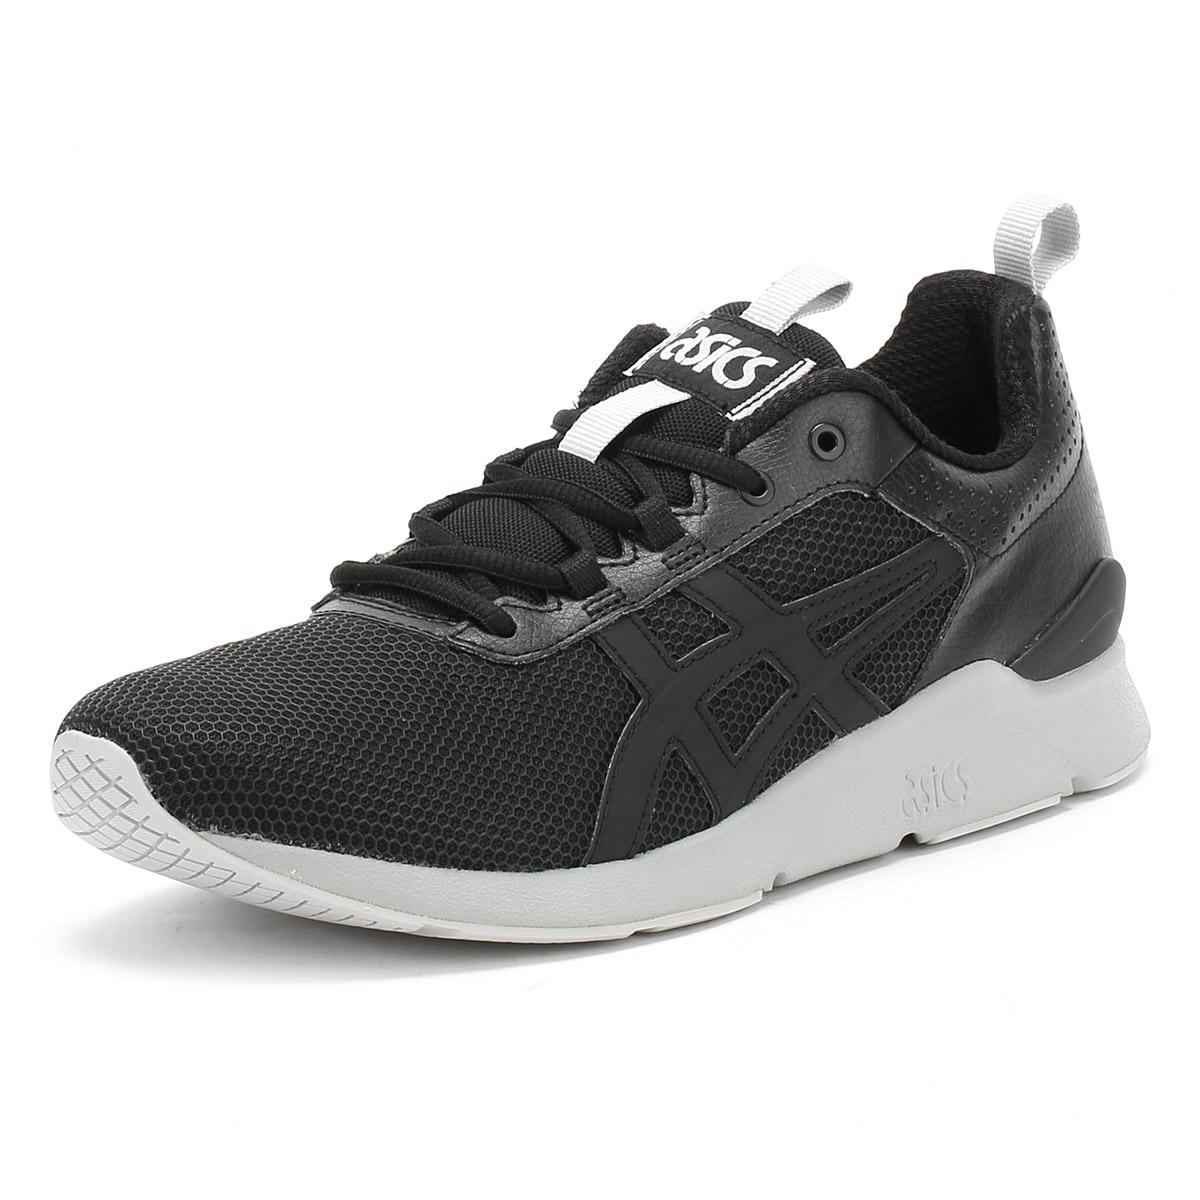 ASICS-Mens-Gel-Lyte-Runner-Trainers-Black-or-